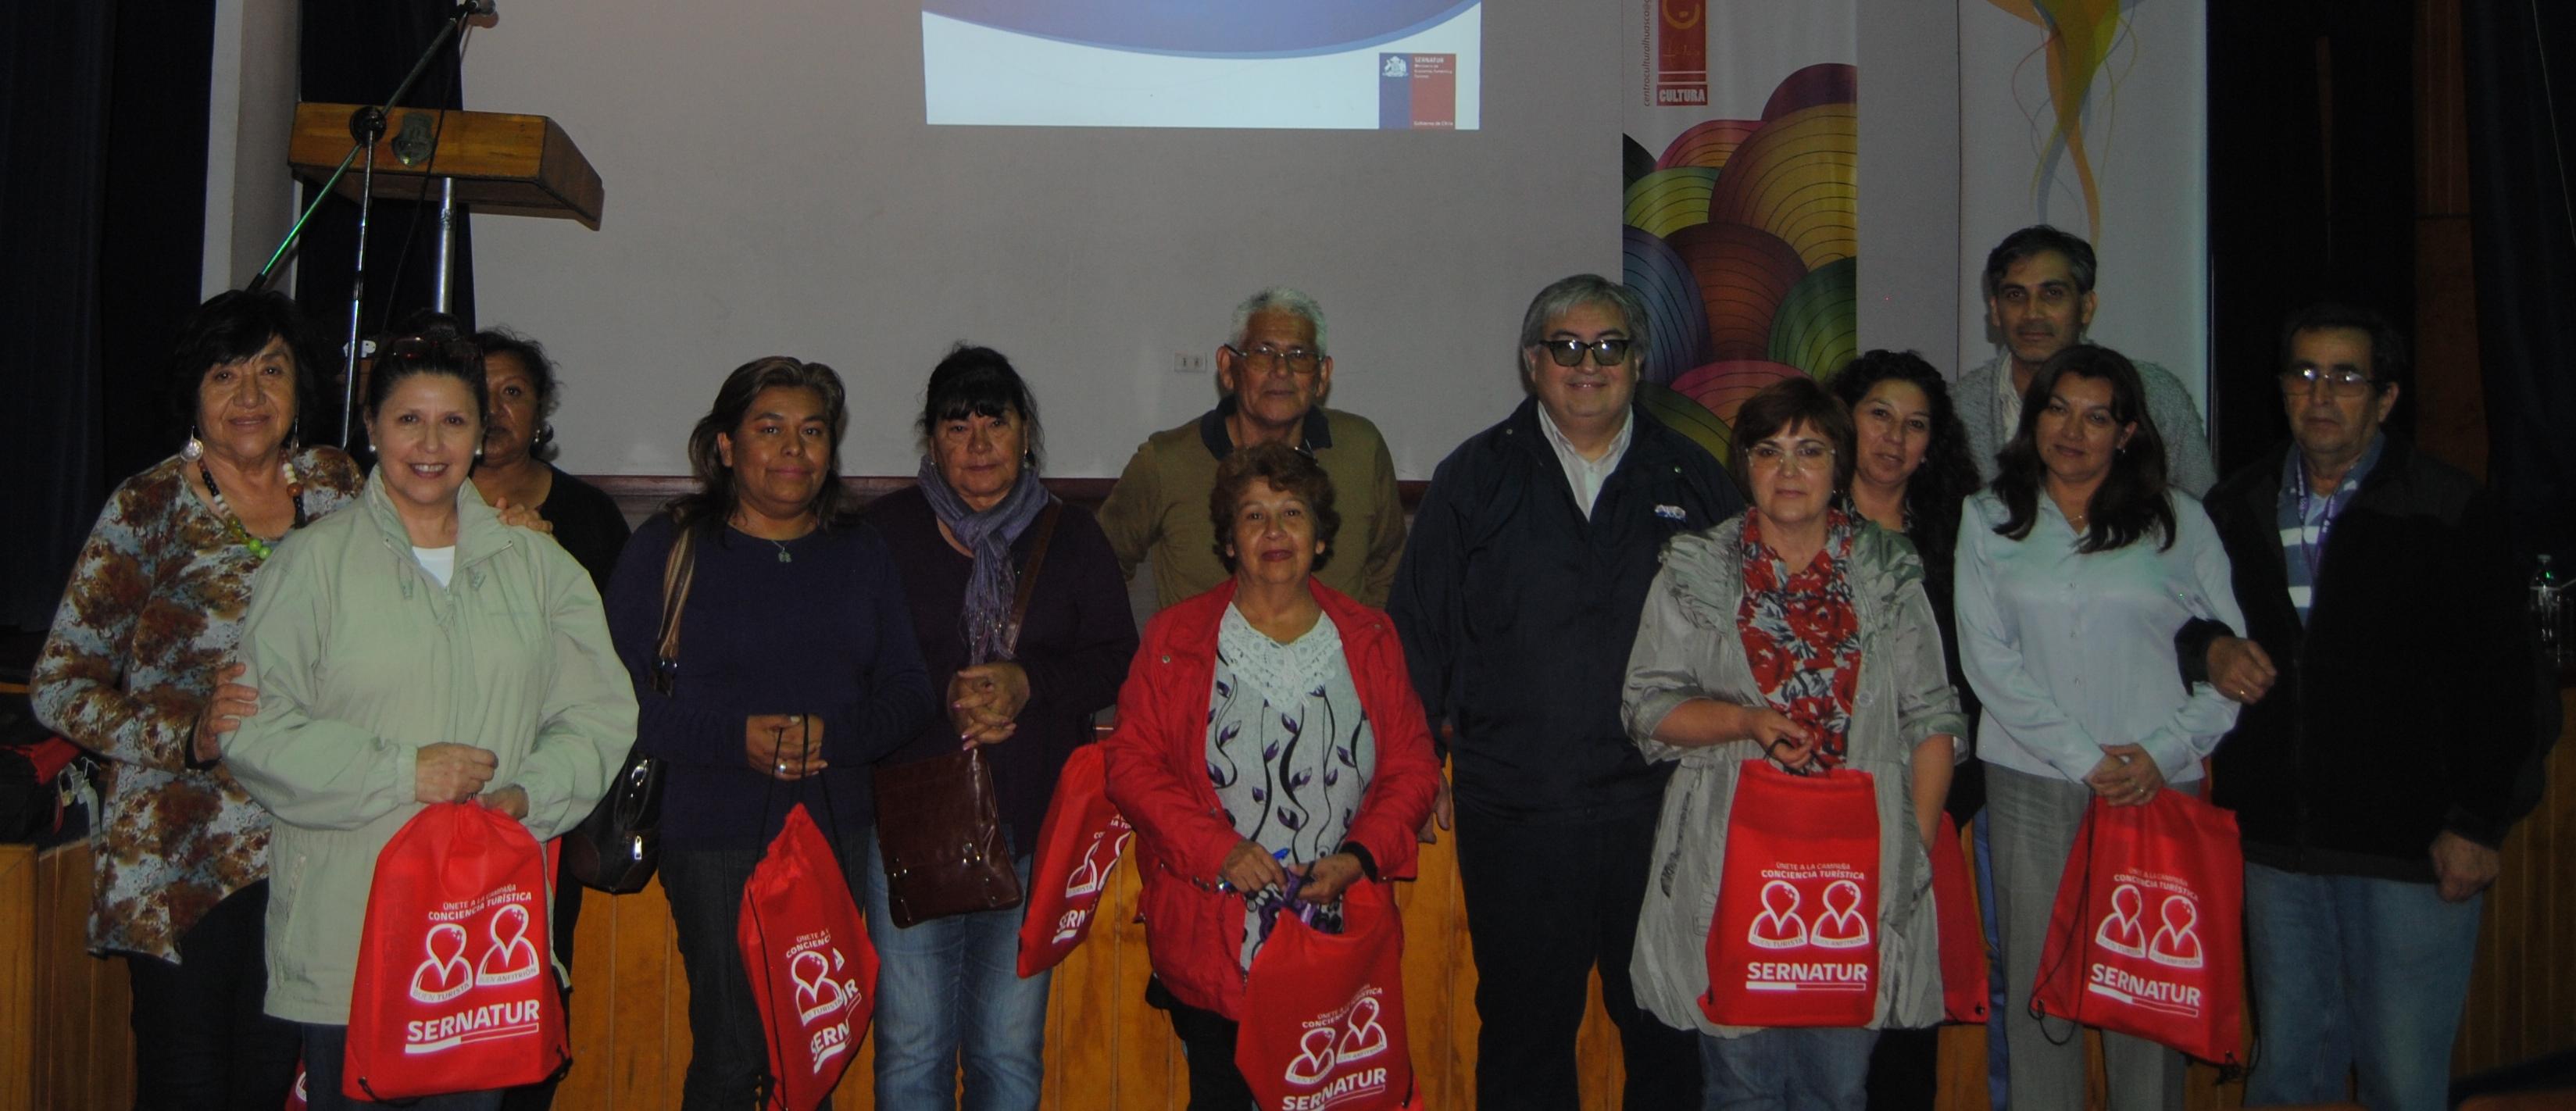 Sernatur y Municipio de Huasco preparan a vecinos para ser anfitriones en esta nueva temporada estival